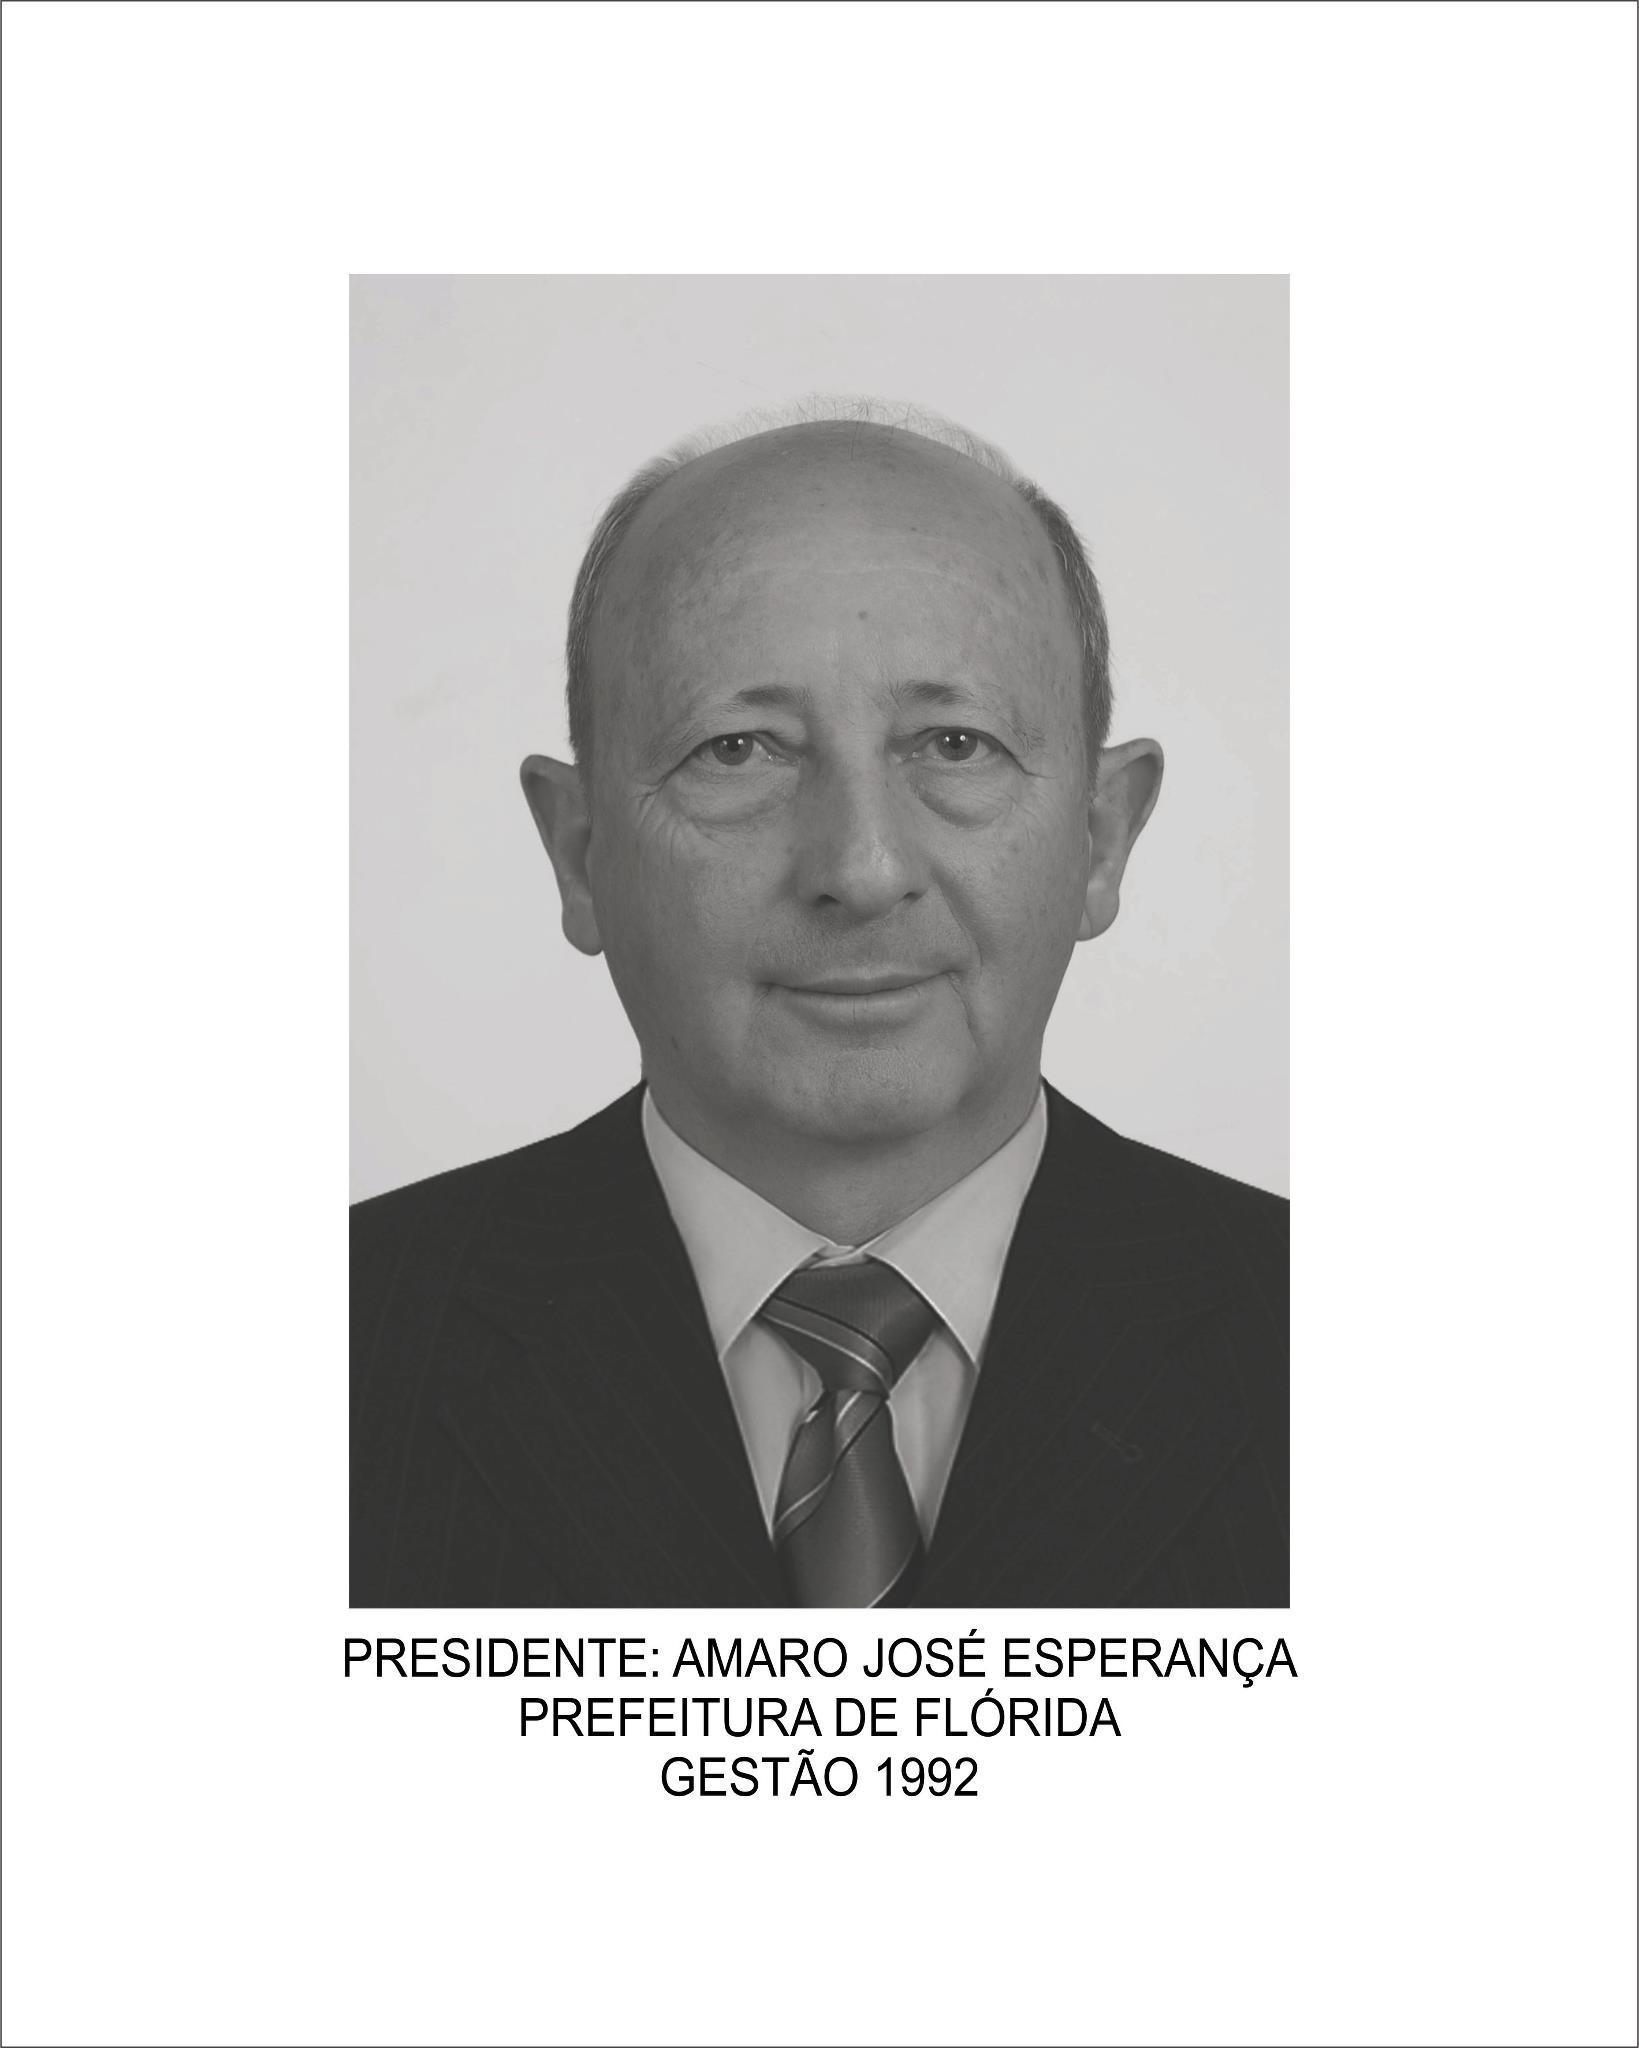 Amaro José Esperança